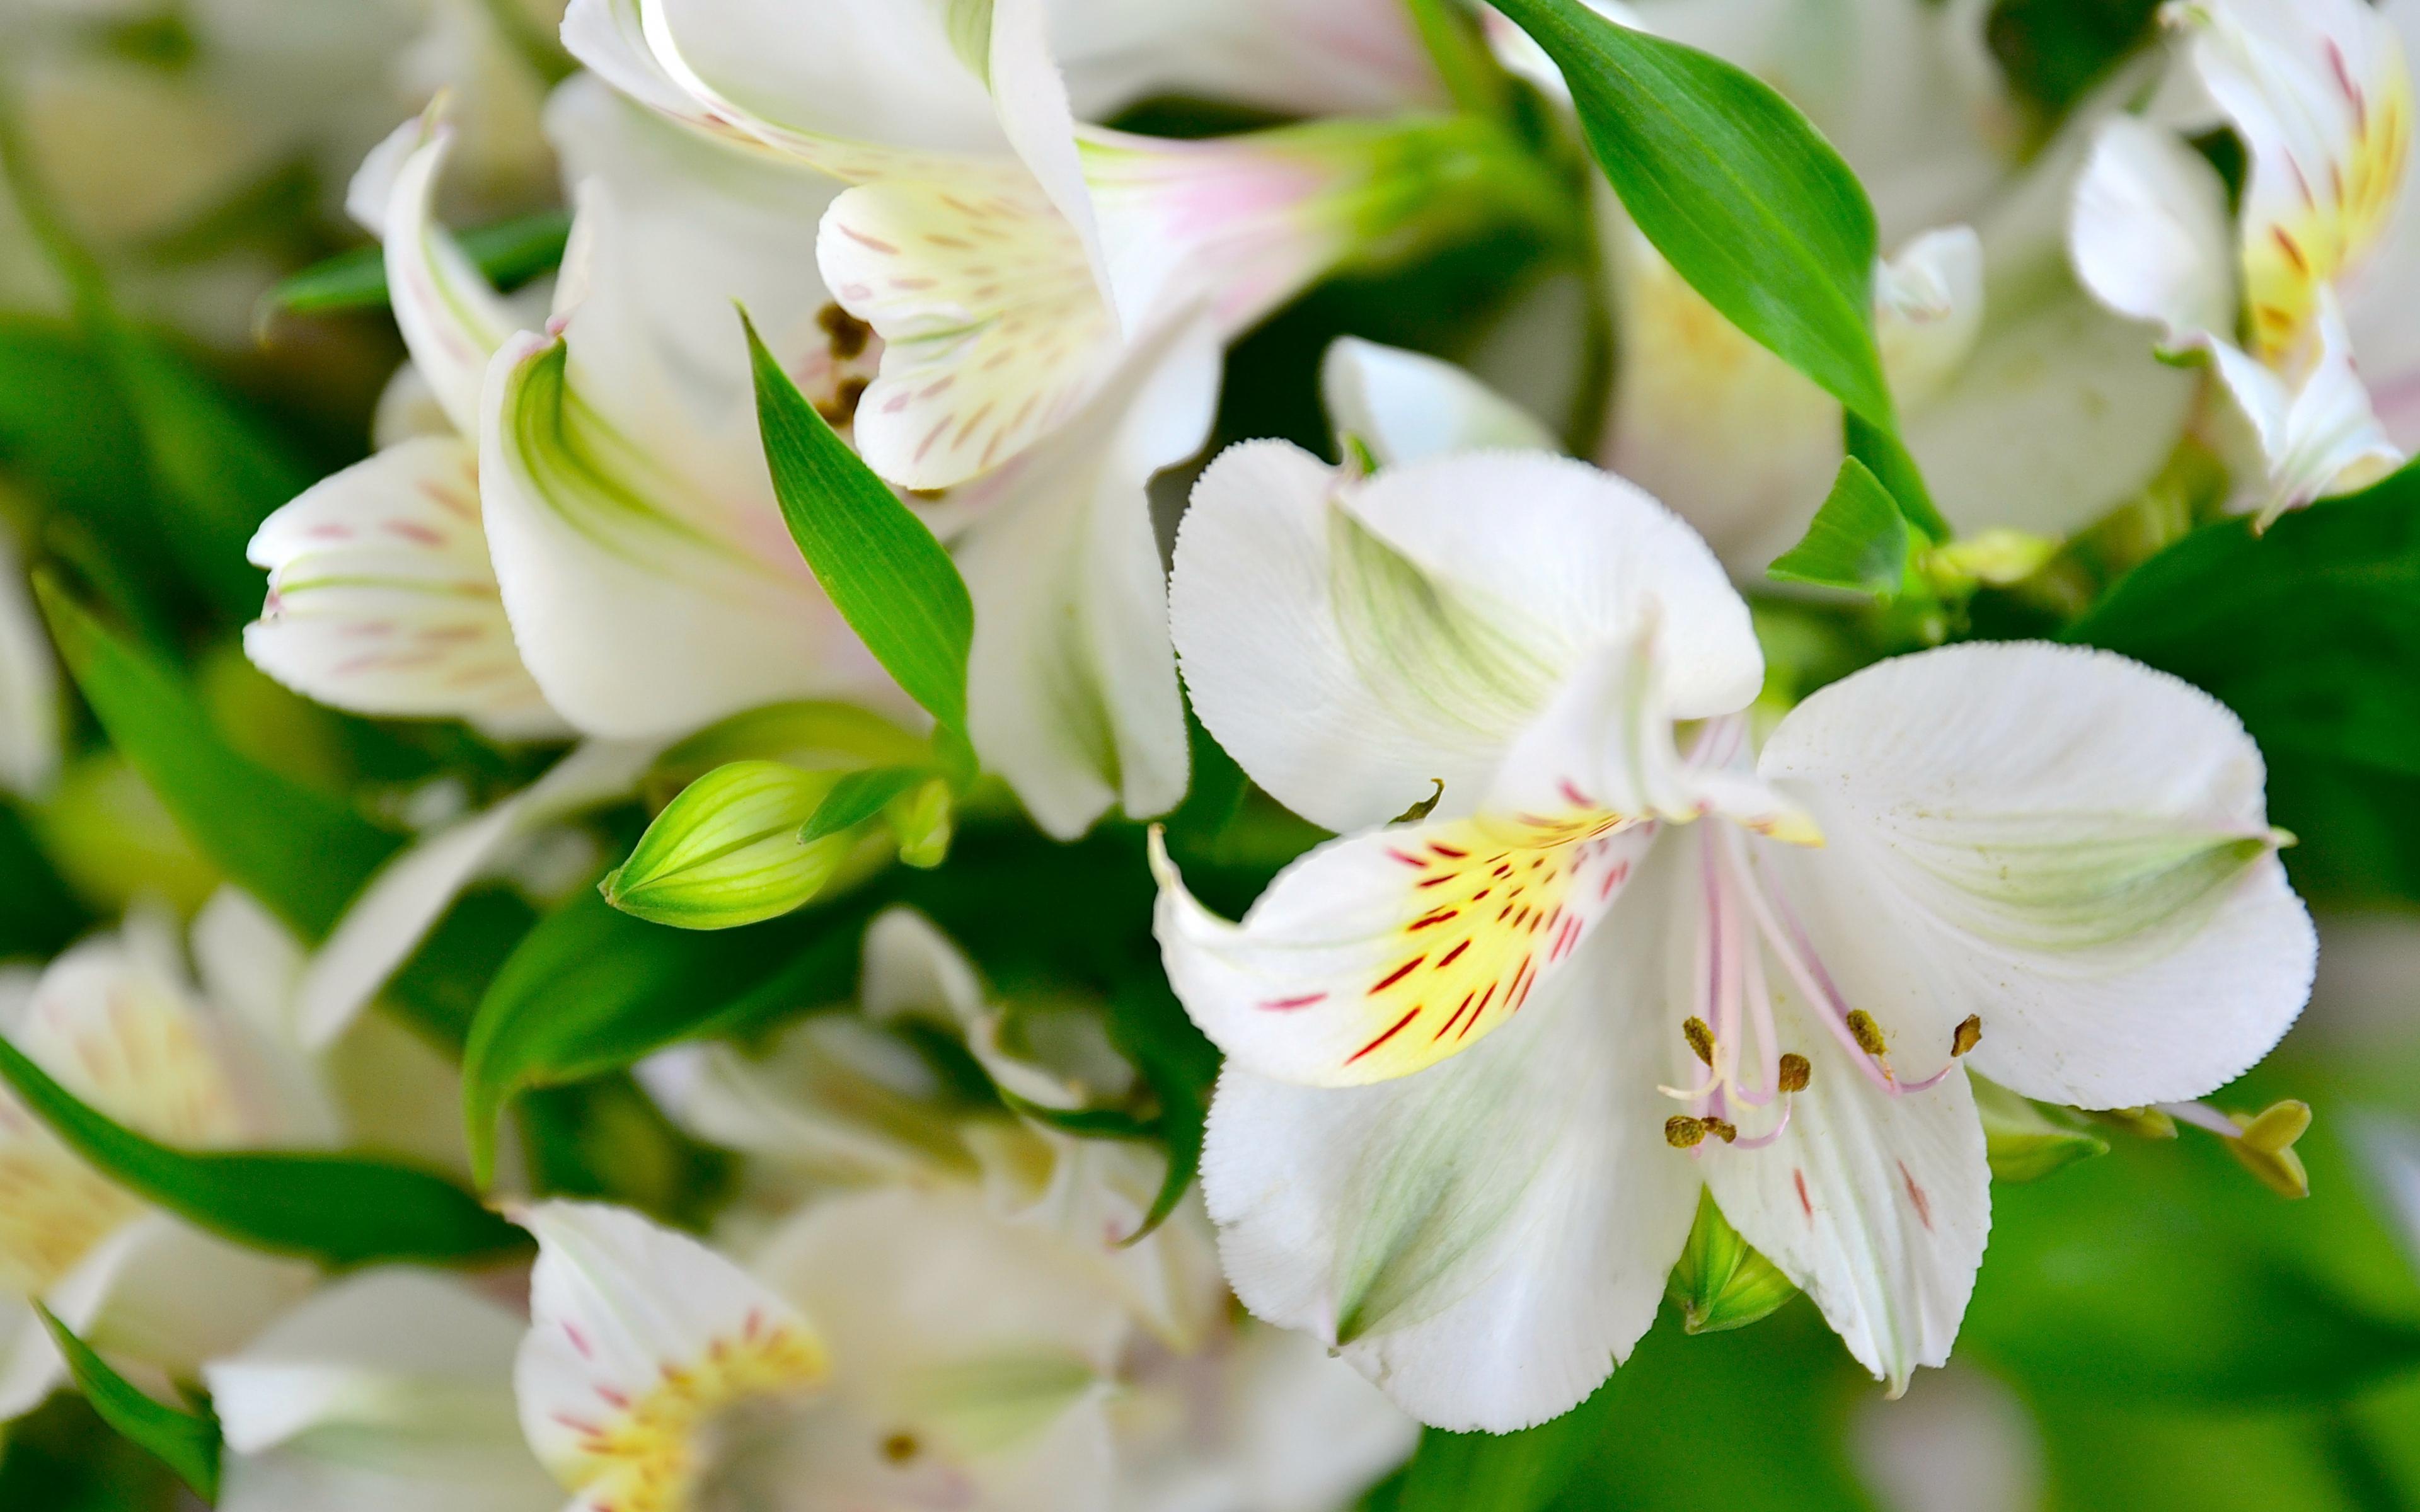 картинки цветы белого цвета личной жизни маши